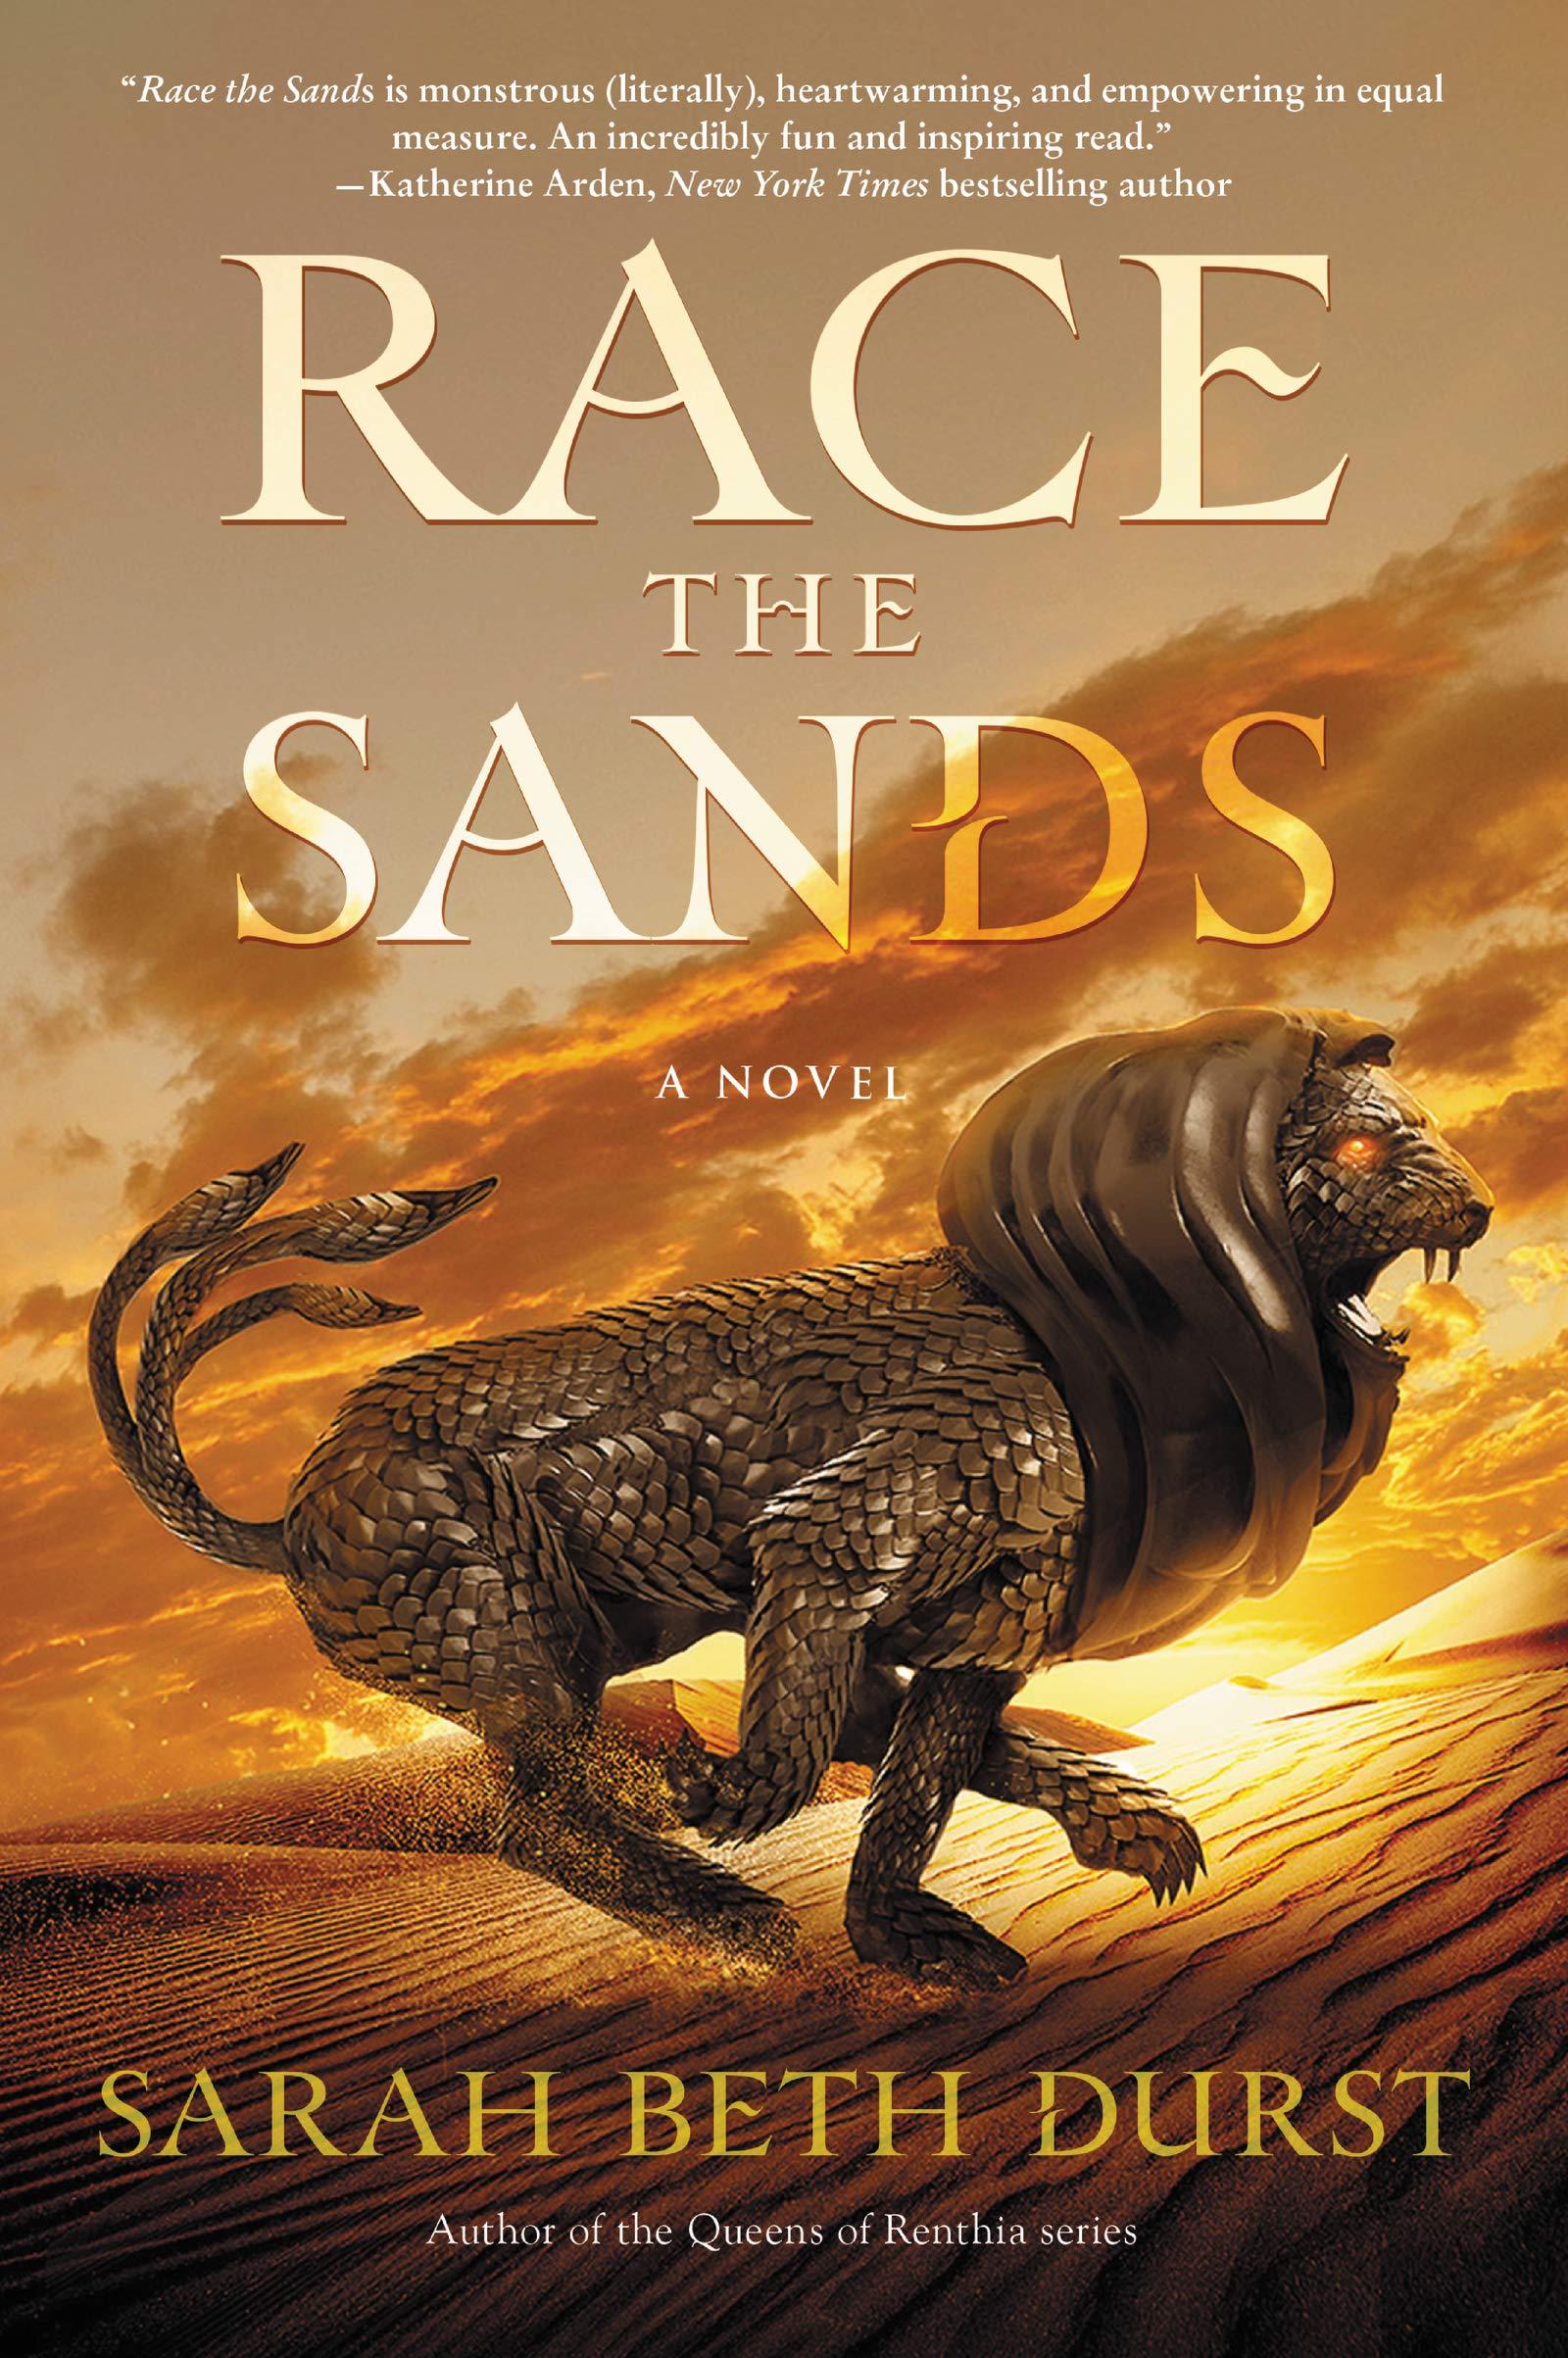 Race the Sands: A Novel: Sarah Beth Durst: 9780062888617: Amazon.com: Books